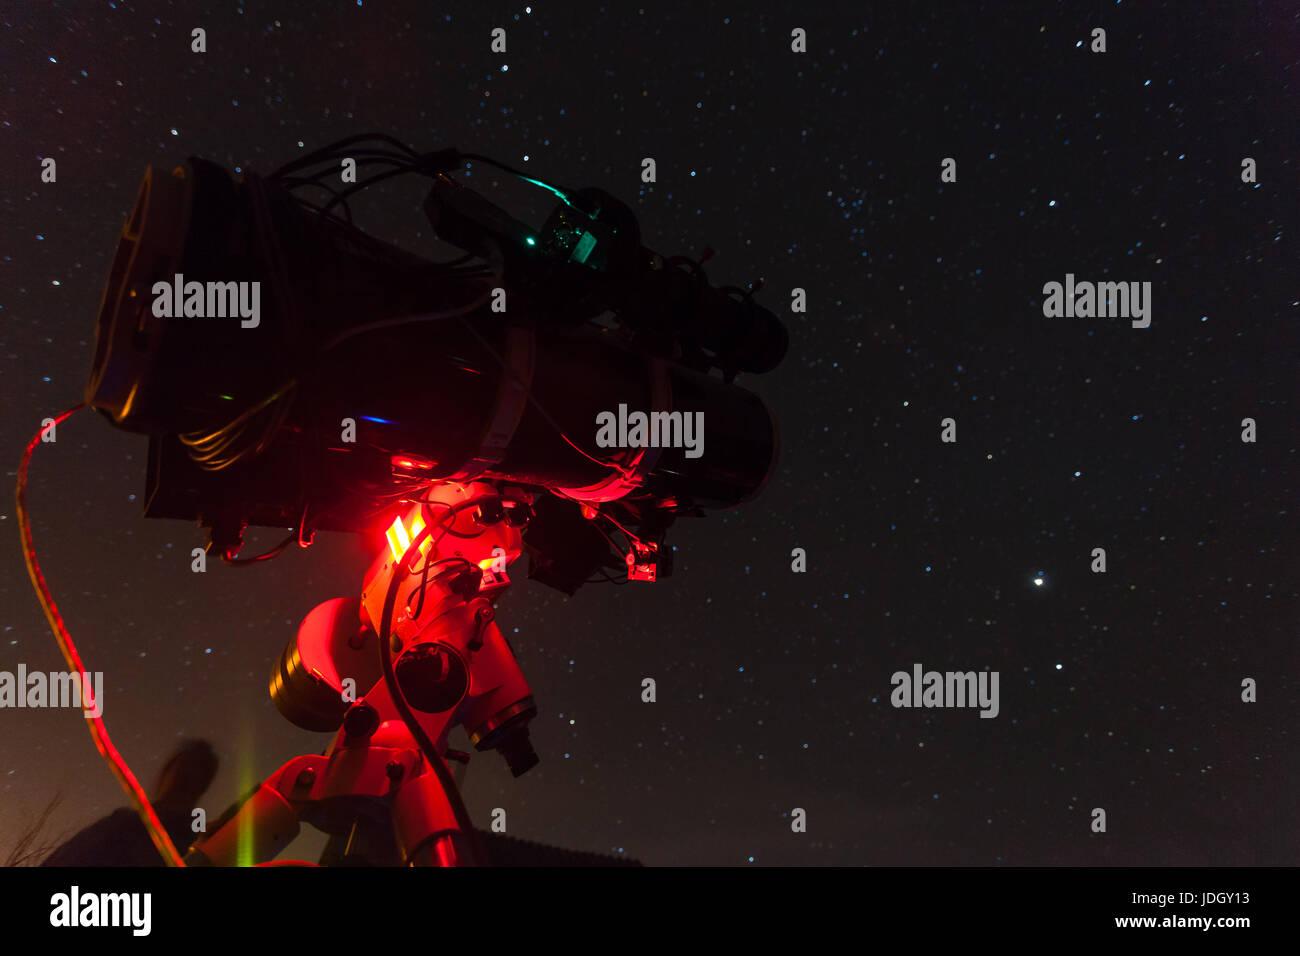 Professionelle astrofotografie teleskop ausgestattet mit guider